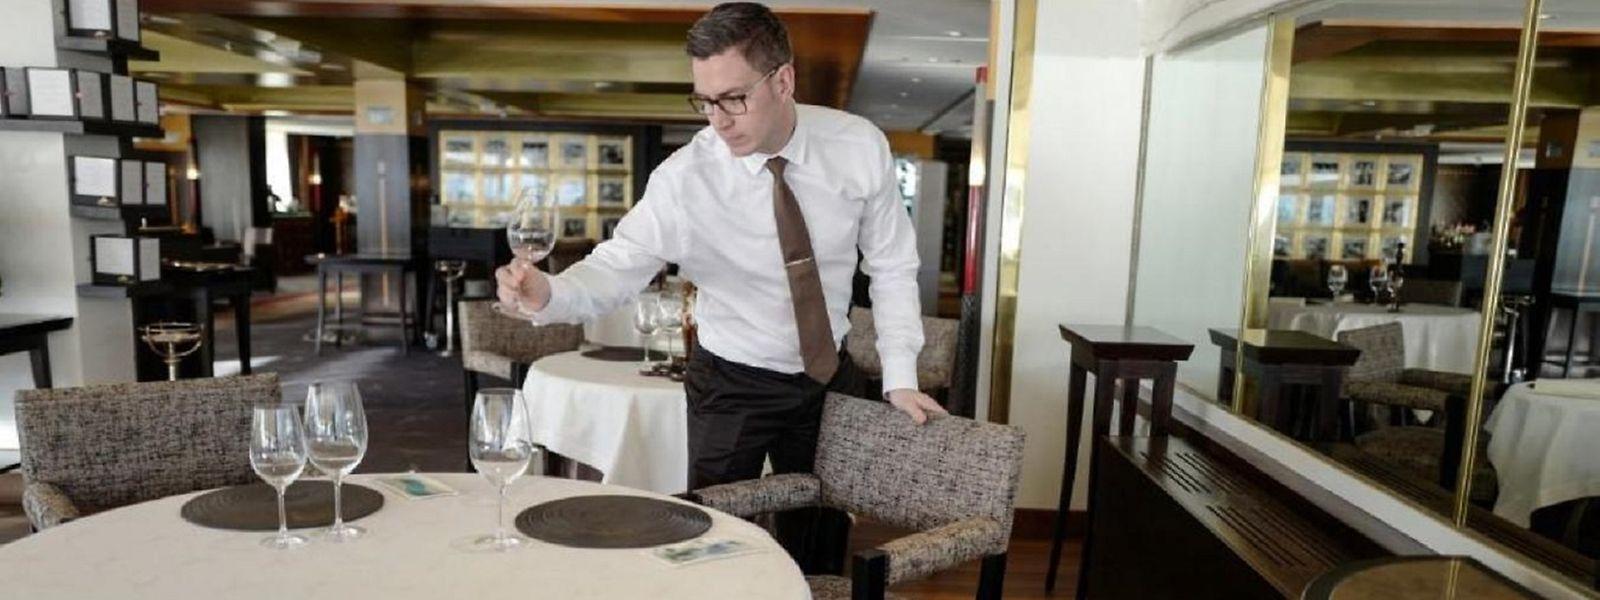 Quatre adultes pourront s'asseoir à une même table à l'intérieur dans les établissements belges.